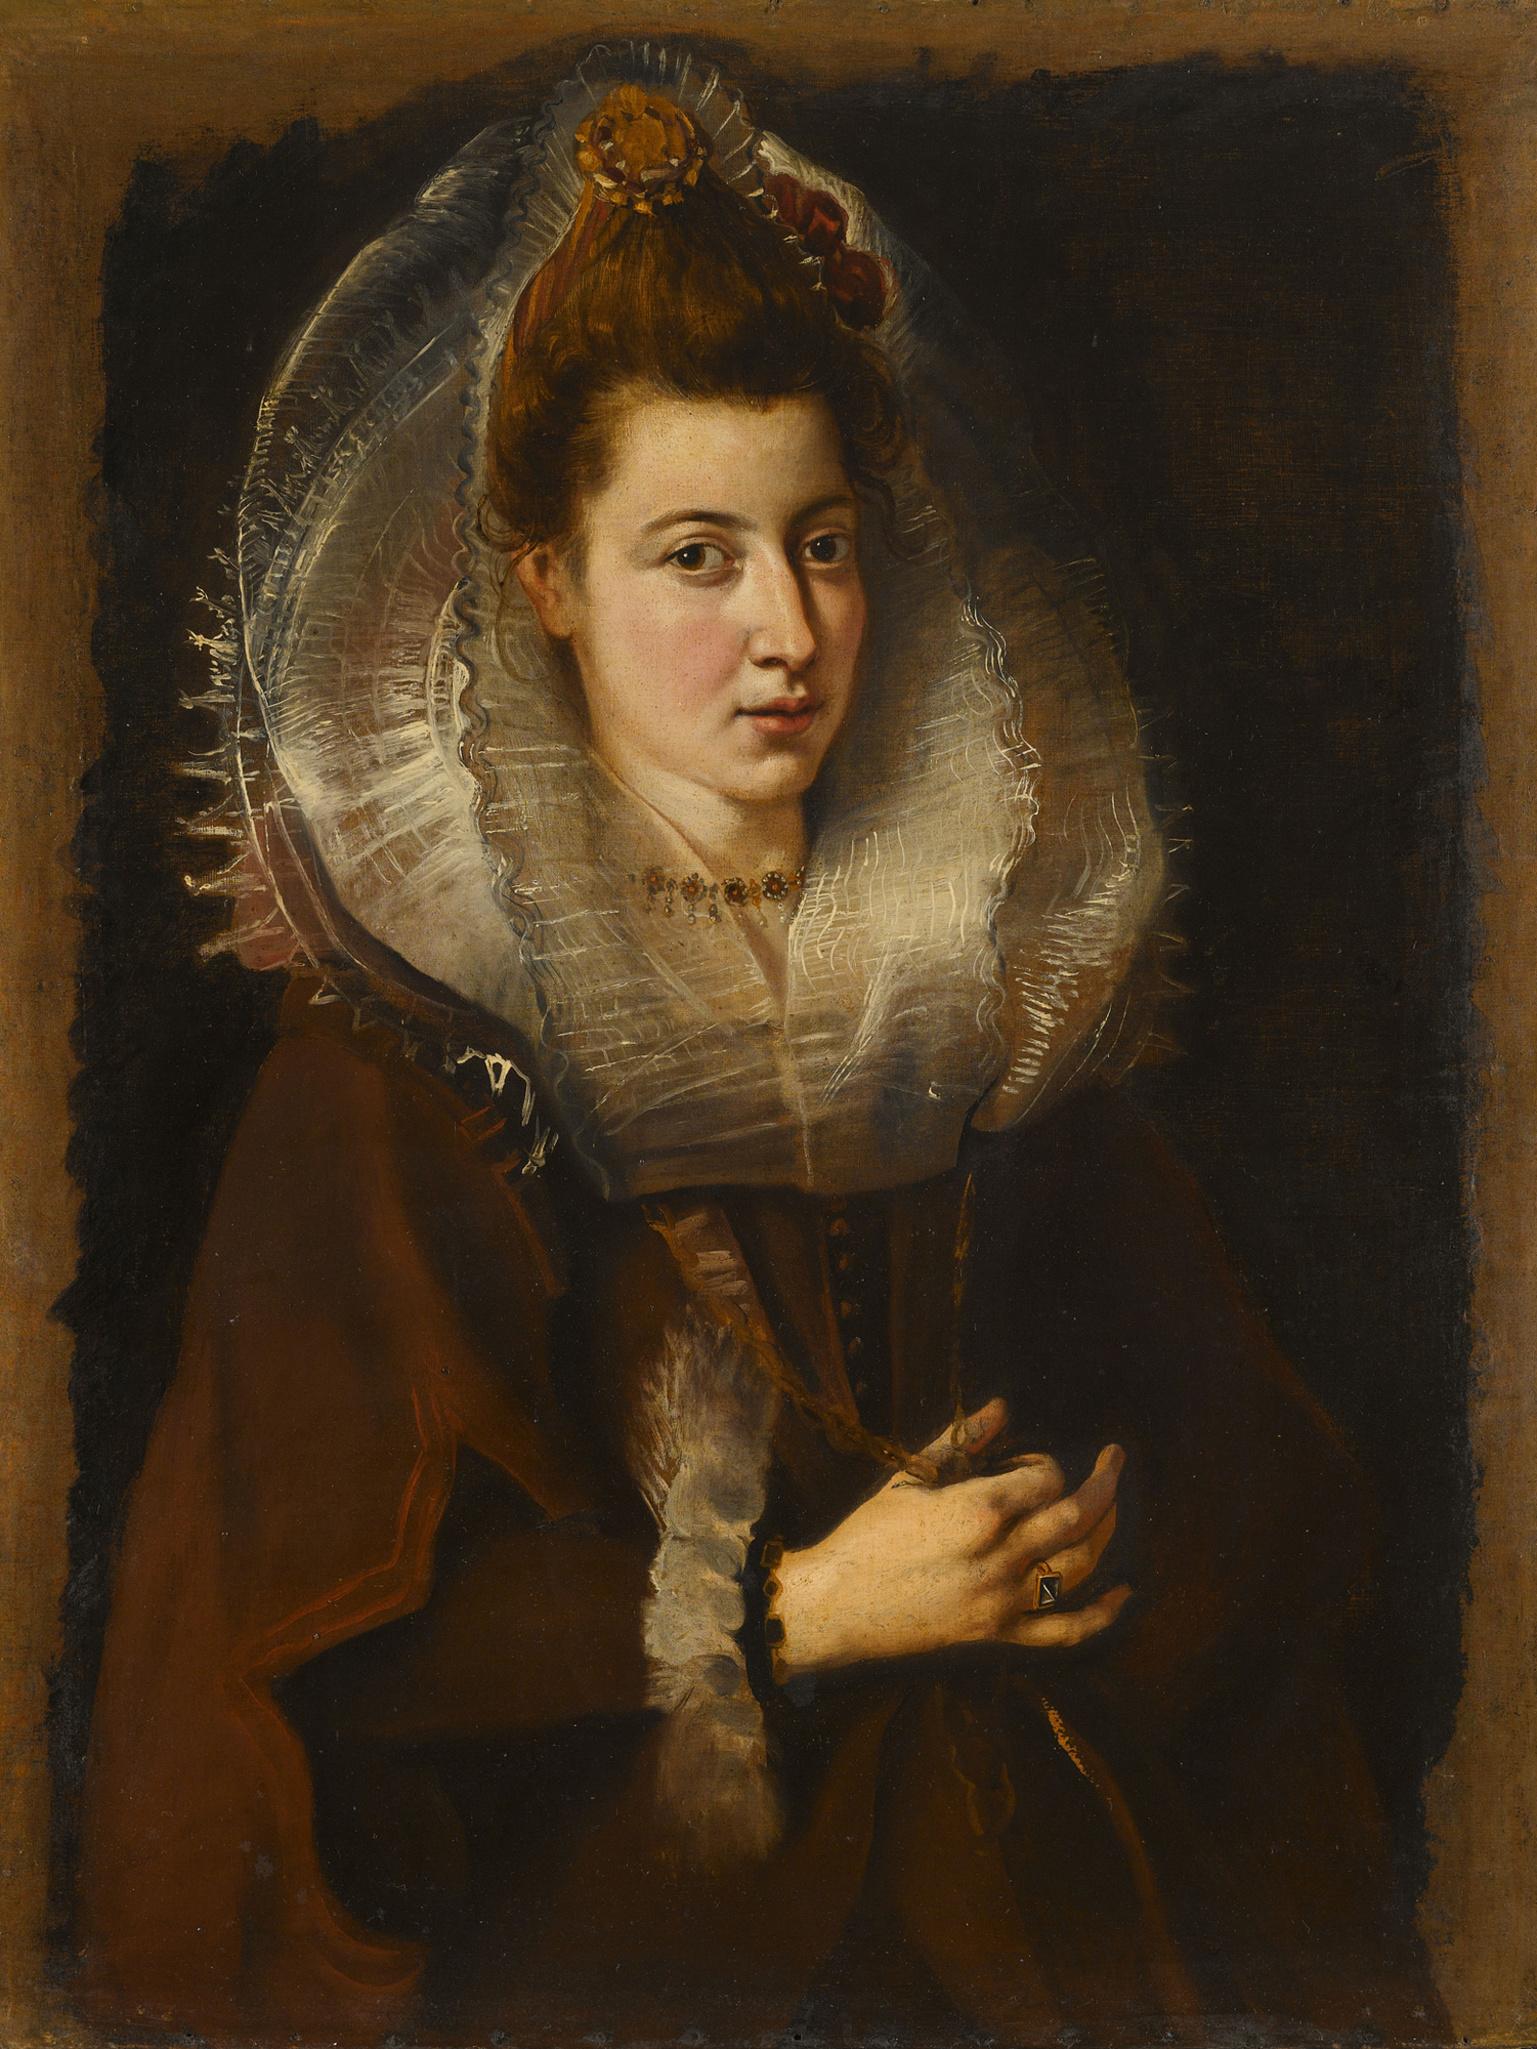 Peter Paul Rubens, Portret van een jonge vrouw met ketting, 1605-1606. Privécollectie., /